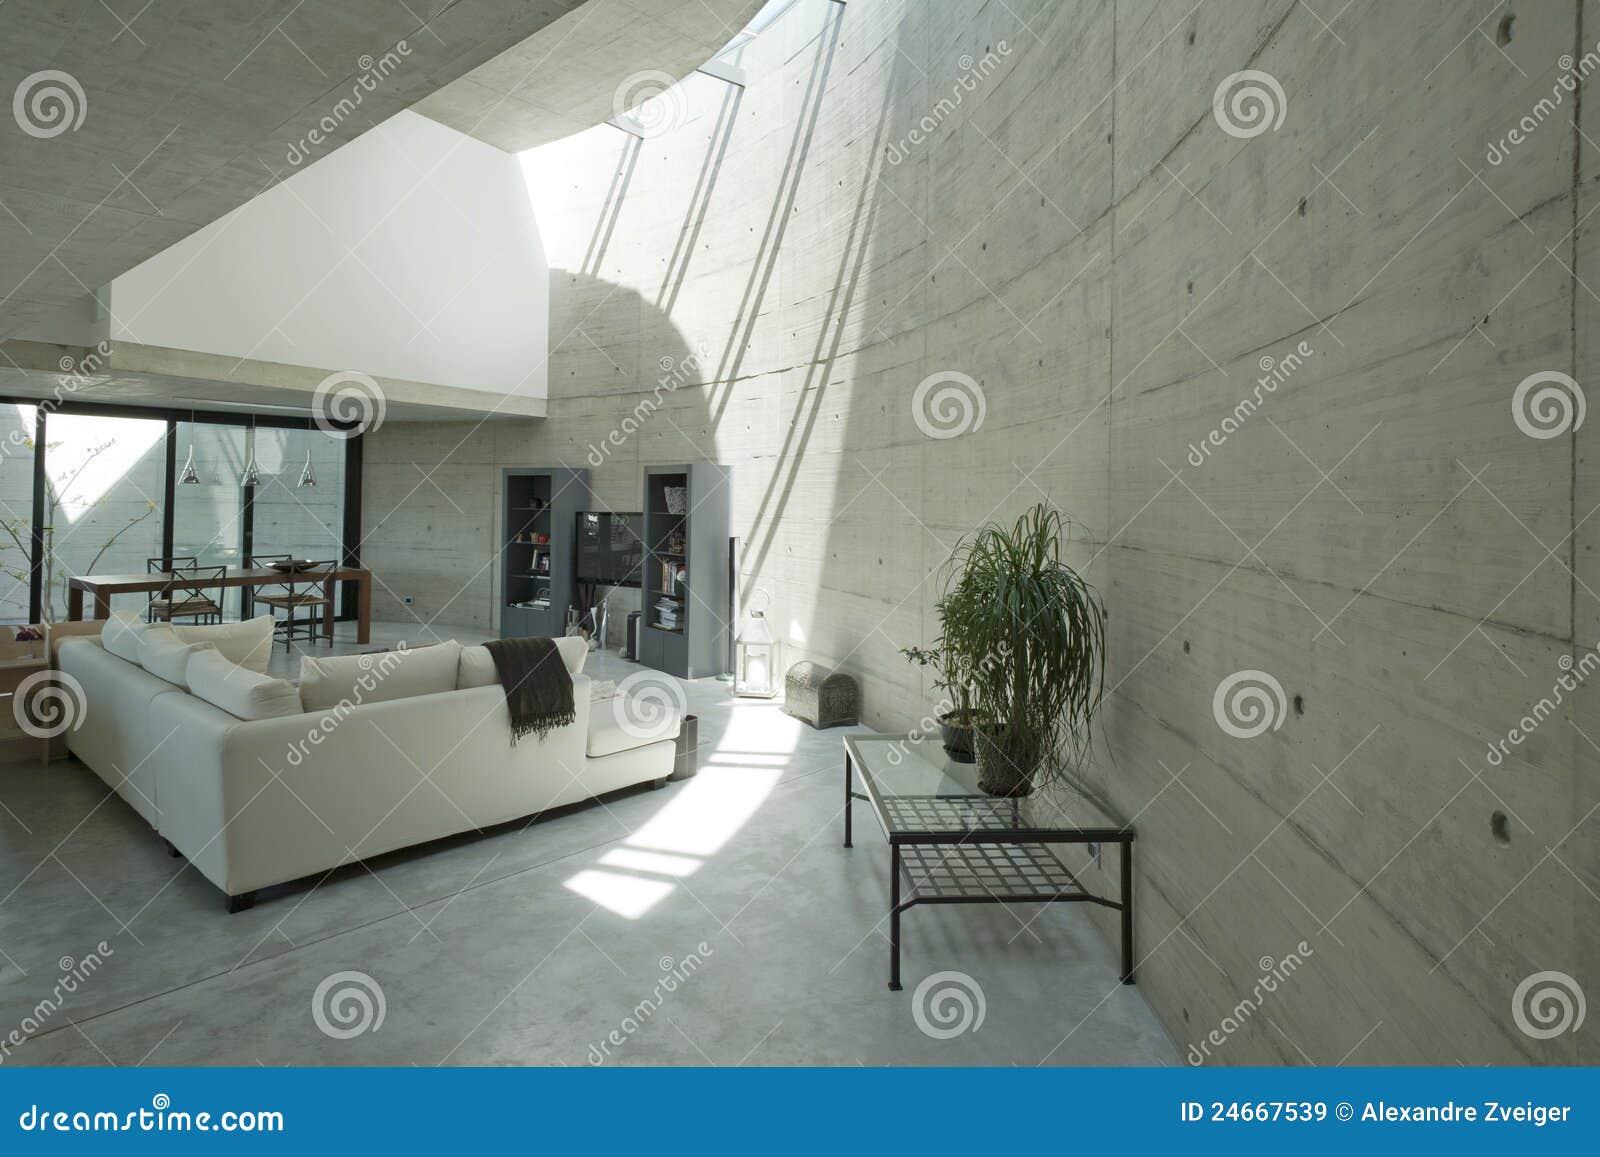 maison moderne intrieure dans le beton - Maison Moderne Beton